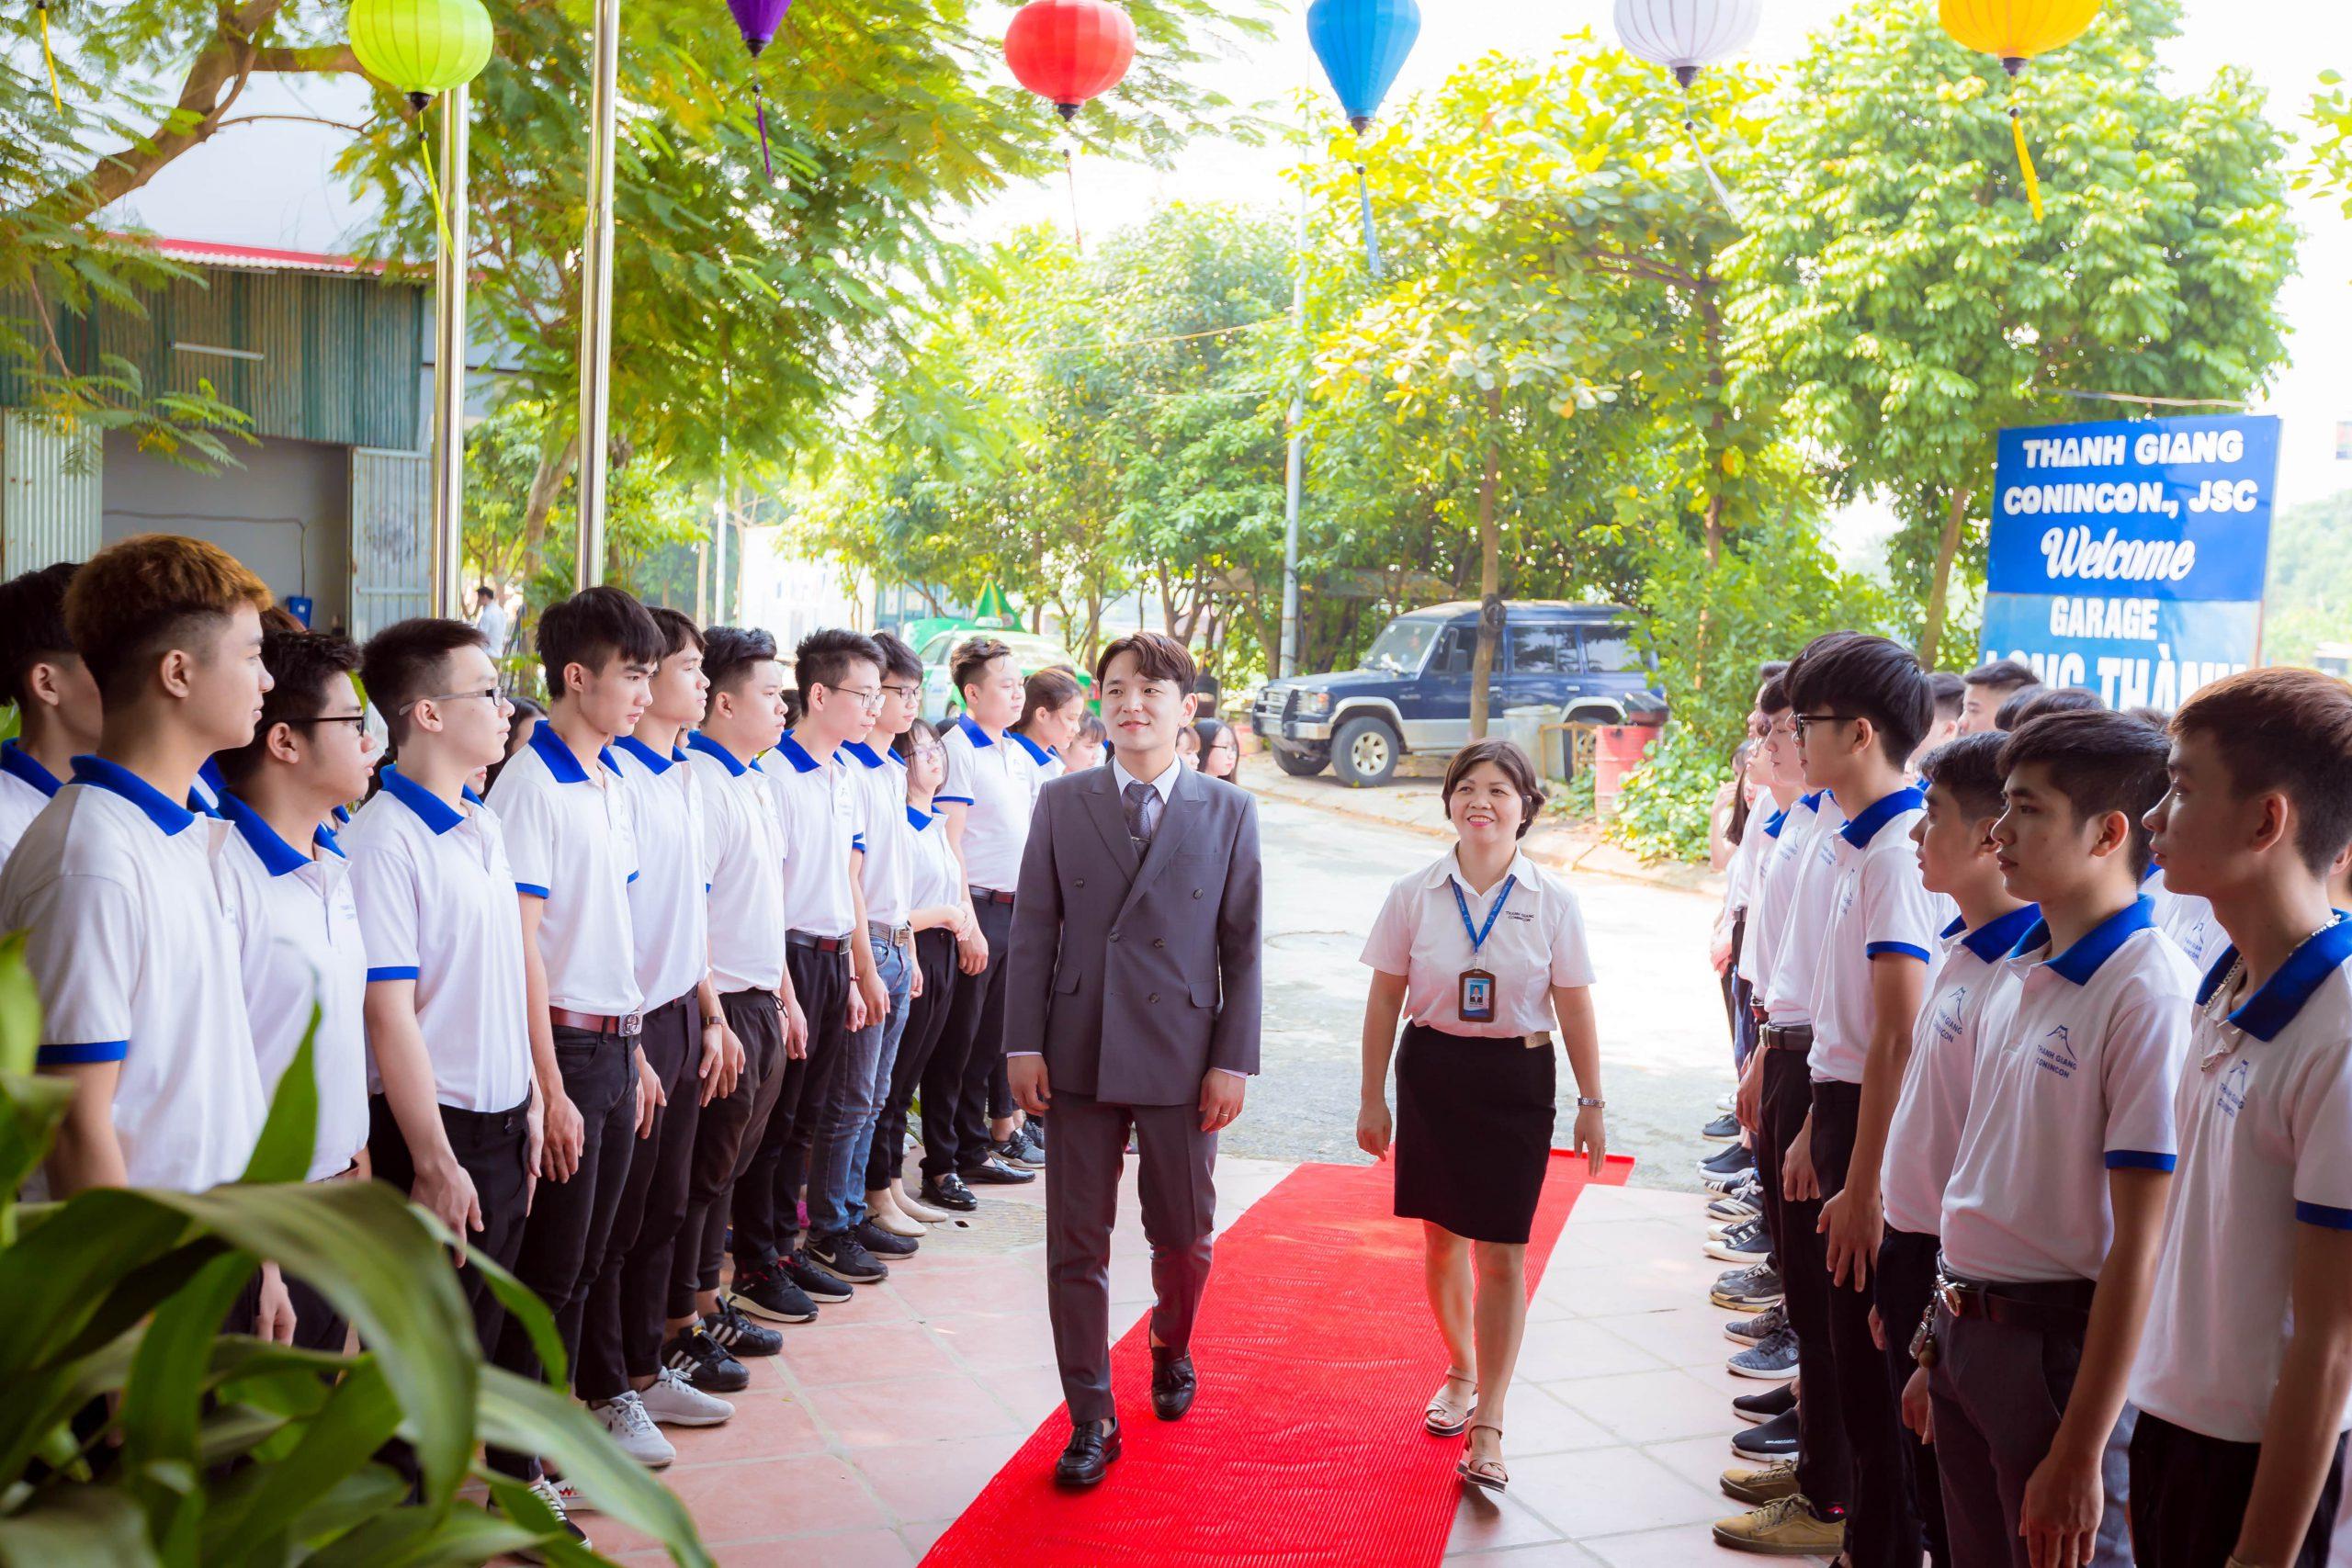 Du học Hàn Quốc tại Hà Nội tại sao nên chọn Thanh Giang Conincon?